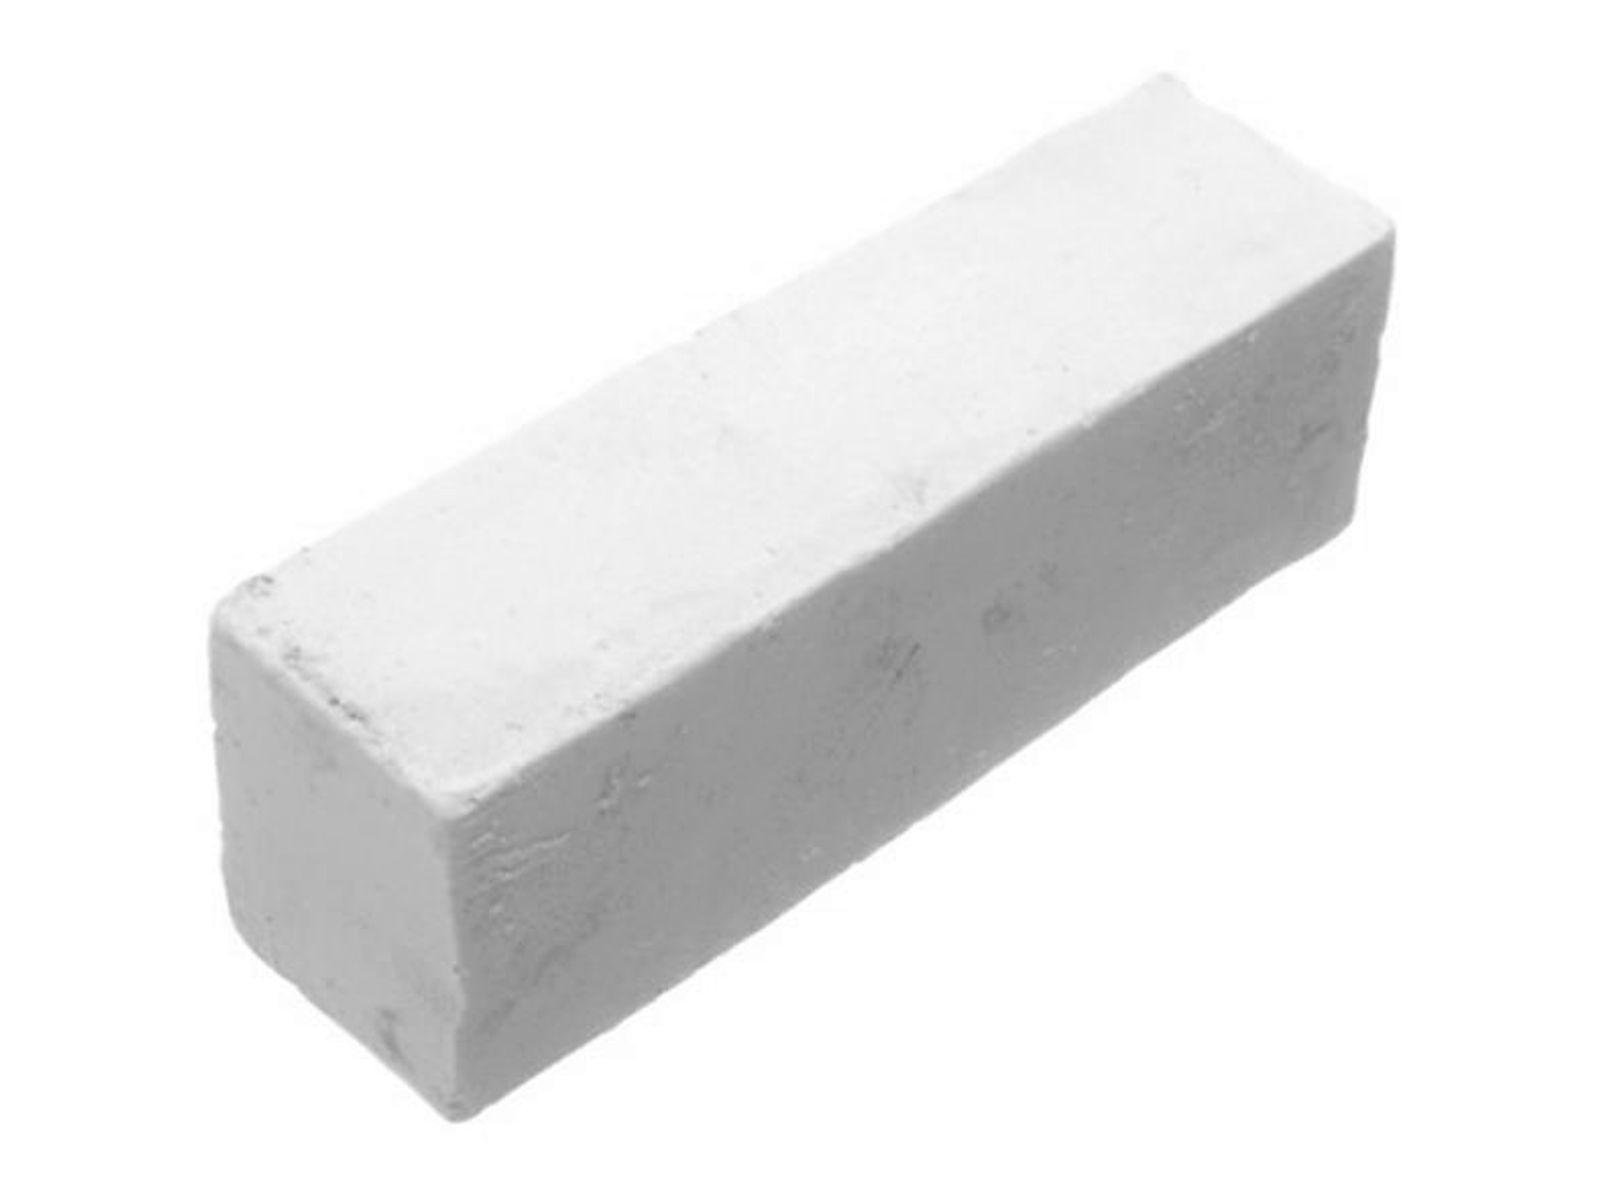 Schleifpolierpaste Maschinenanwendung Hochglanzpaste Polierpaste Abziehpaste 001